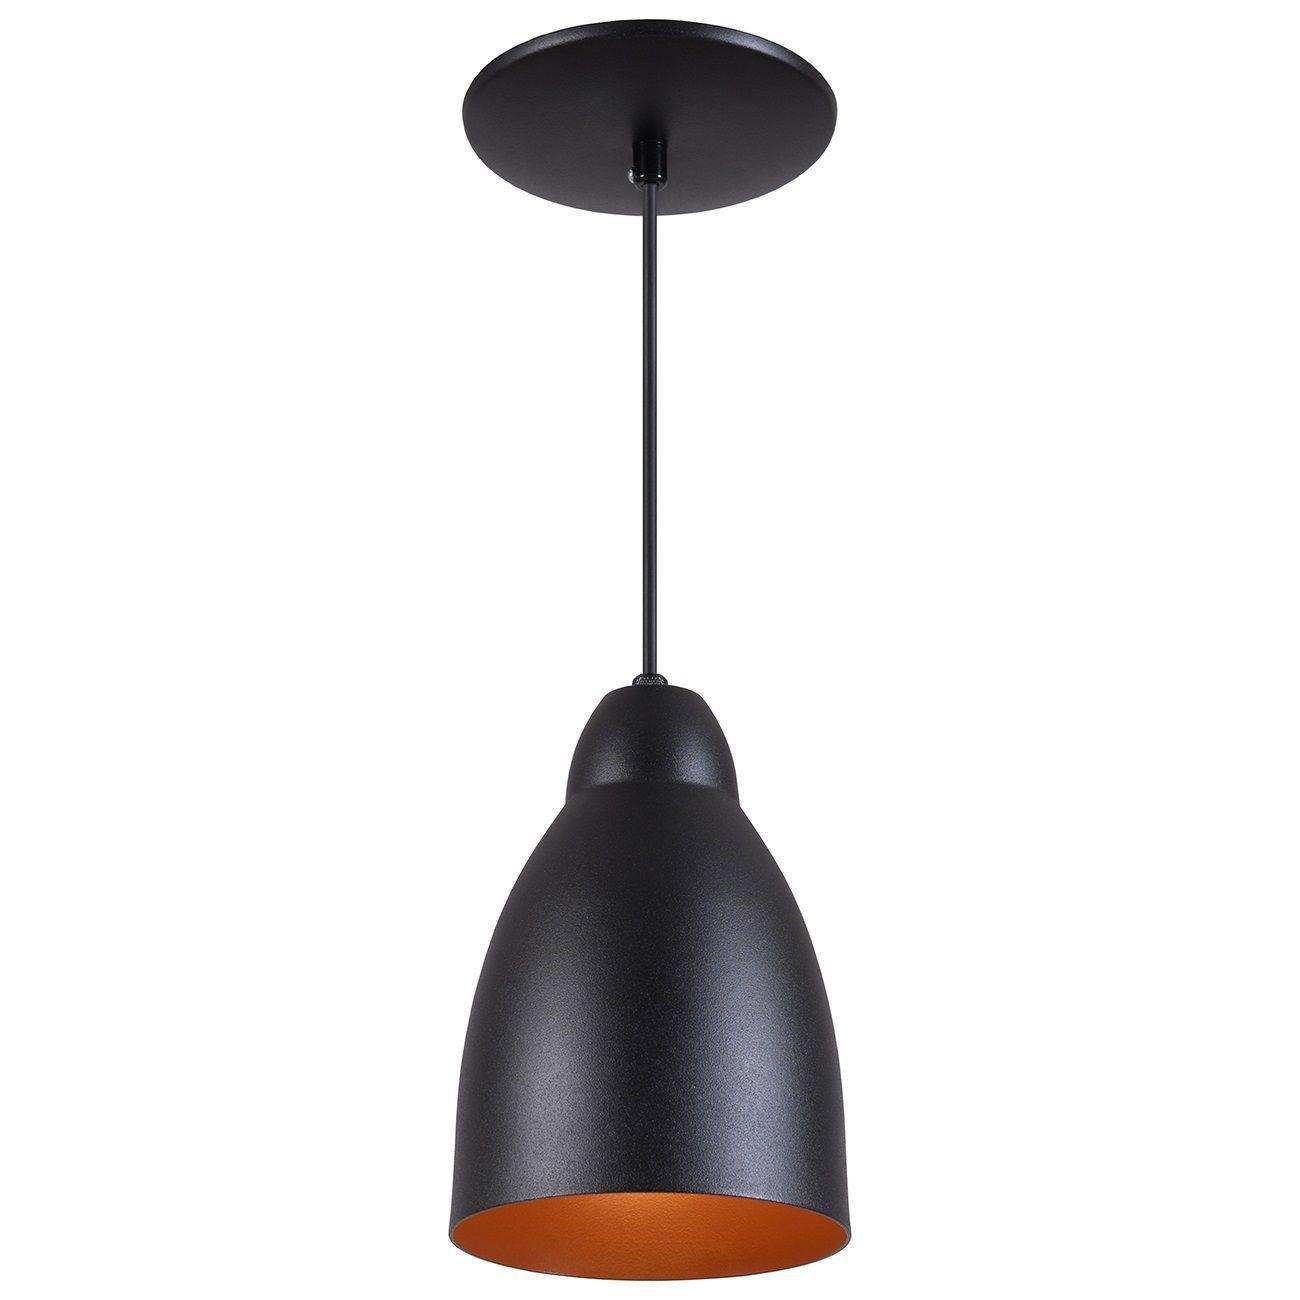 Pendente Bala Luminária Lustre Alumínio Preto Textura C/ Cobre - Rei Da Iluminação